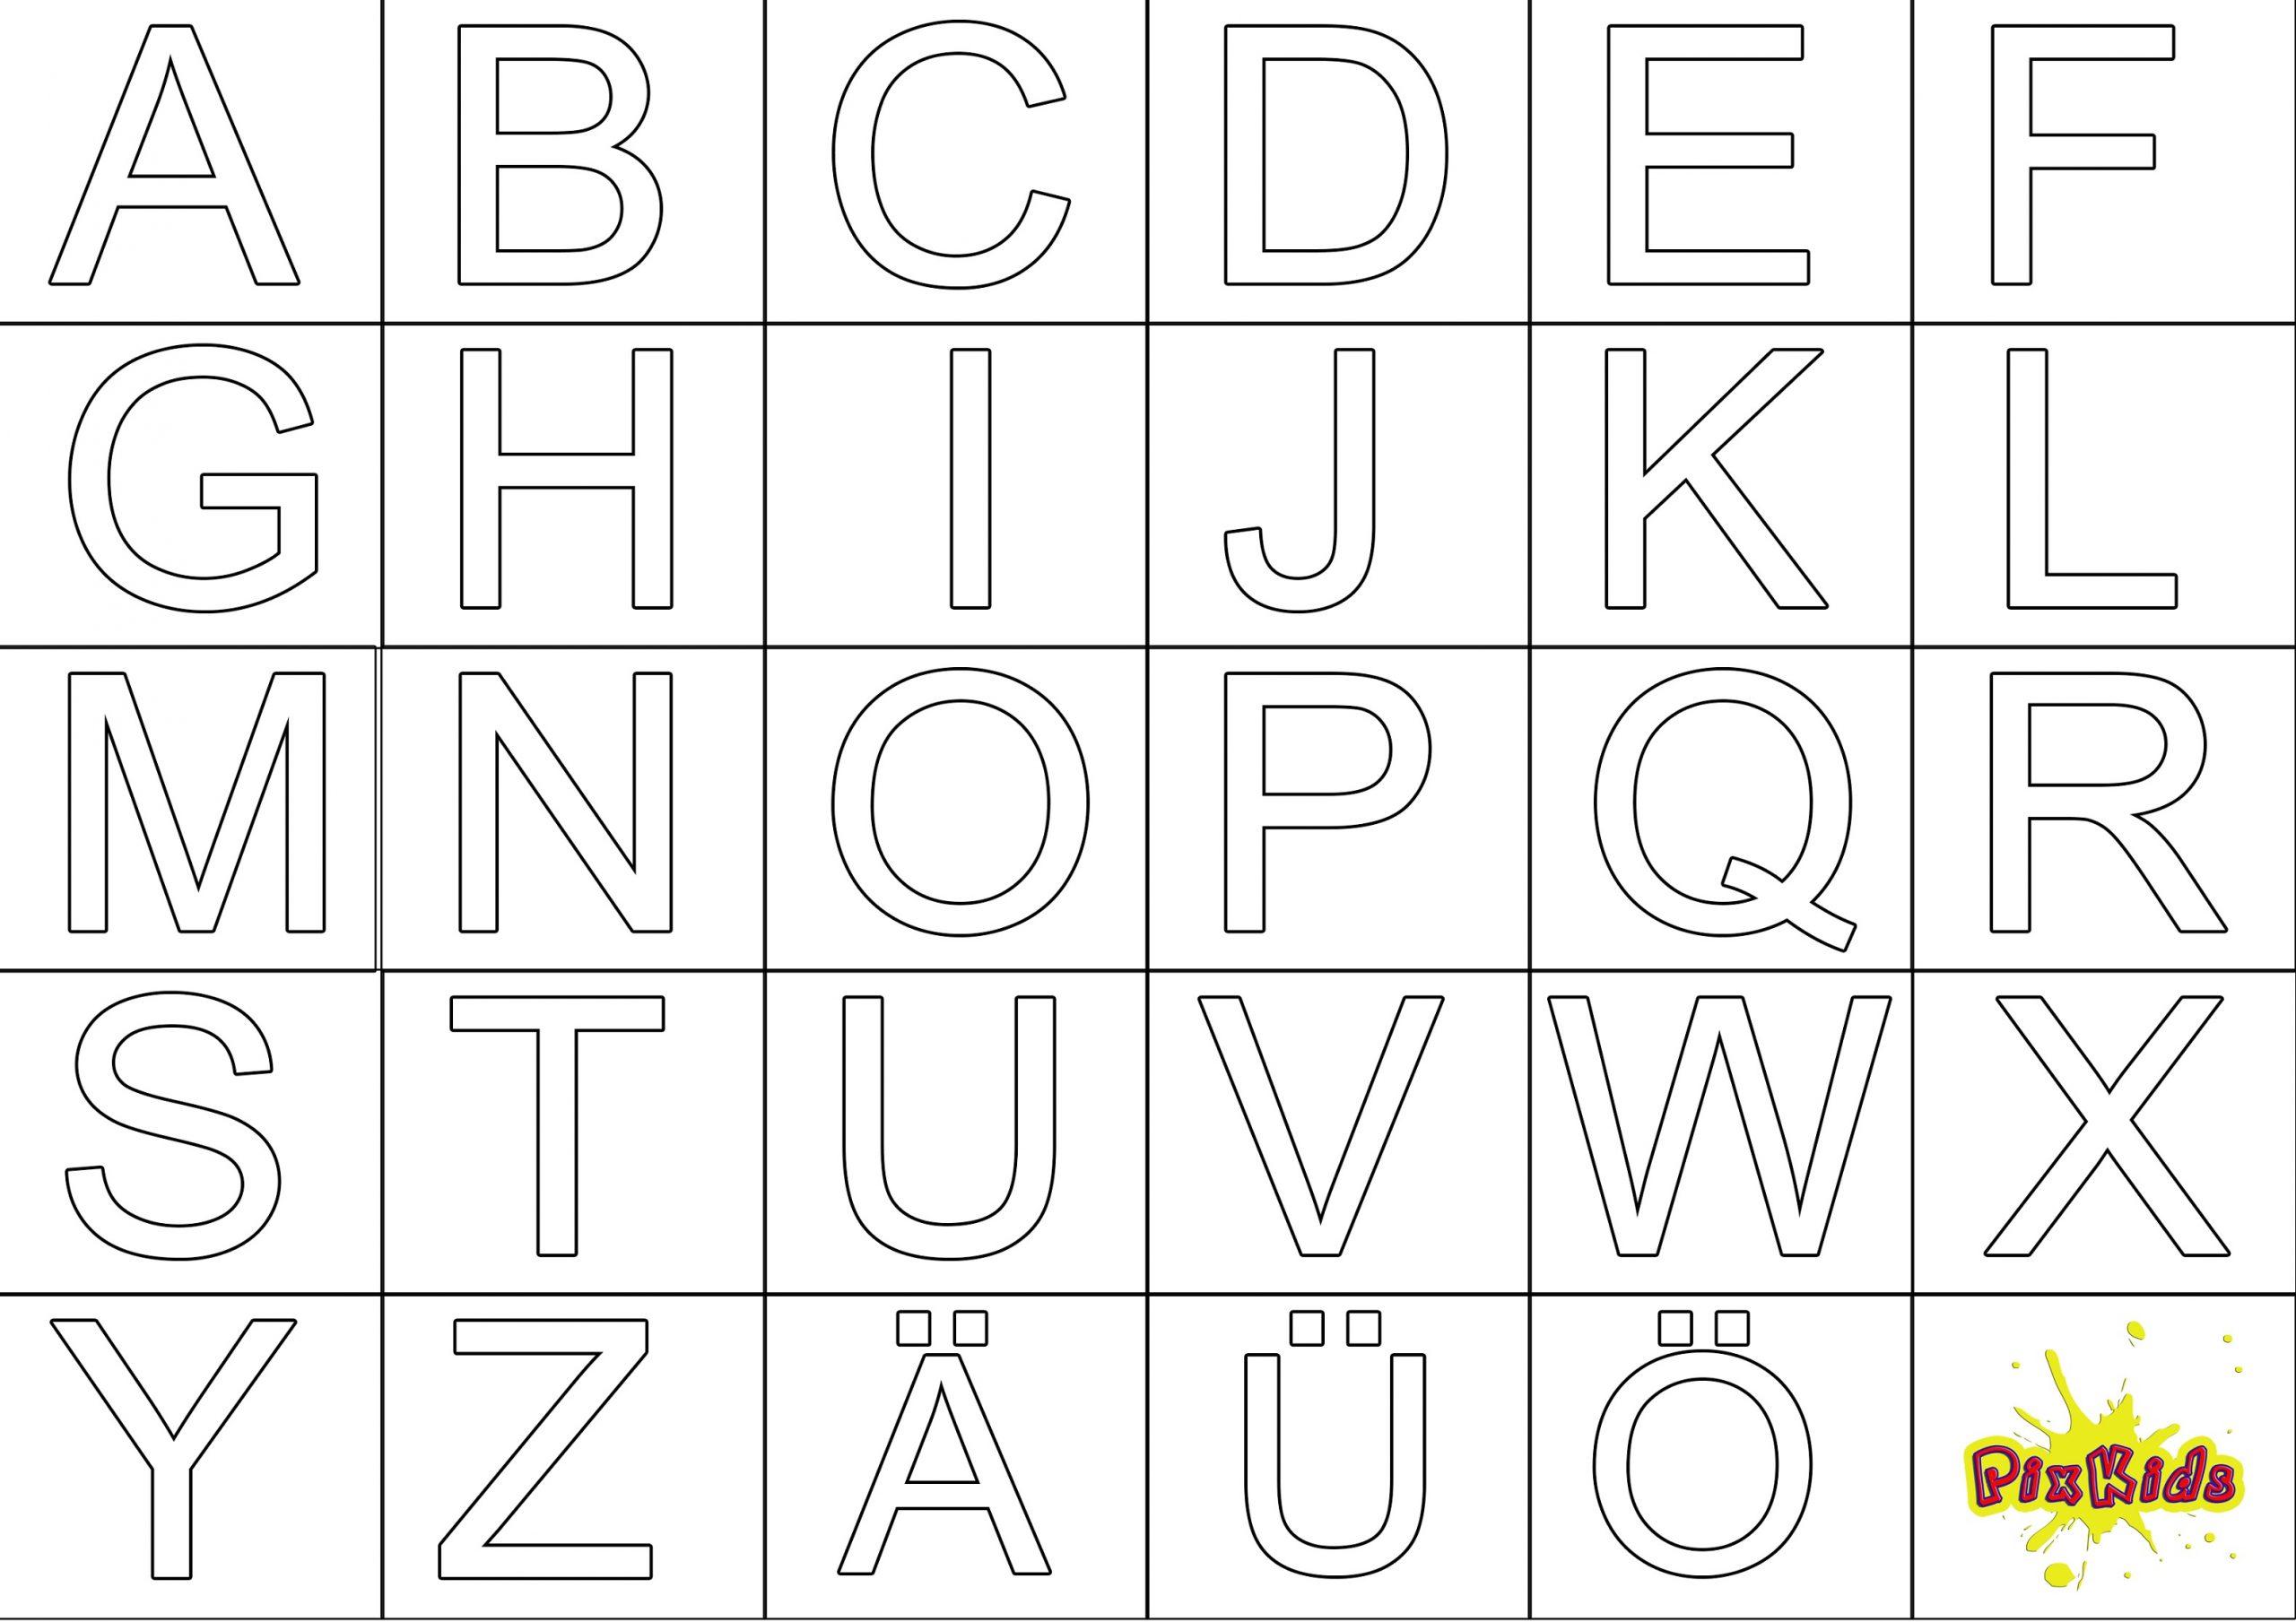 Ausmalbild Abc - Kostenlose Malvorlagen bestimmt für Buchstaben Zum Ausschneiden